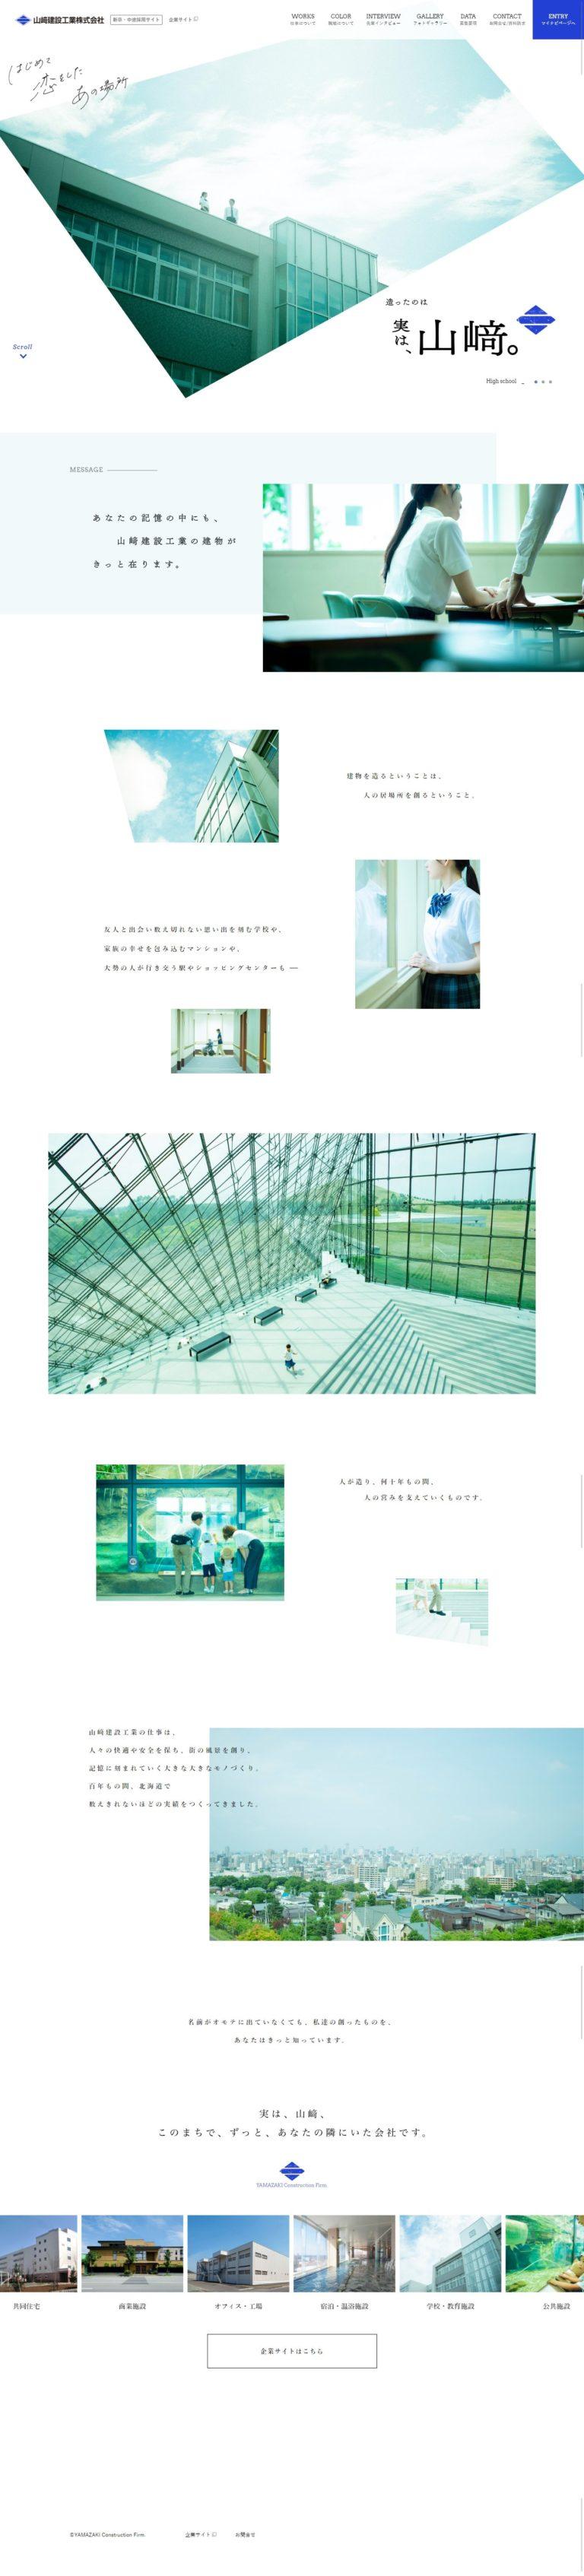 採用情報|山﨑建設工業株式会社|人と生きる建物をつくる建設企業